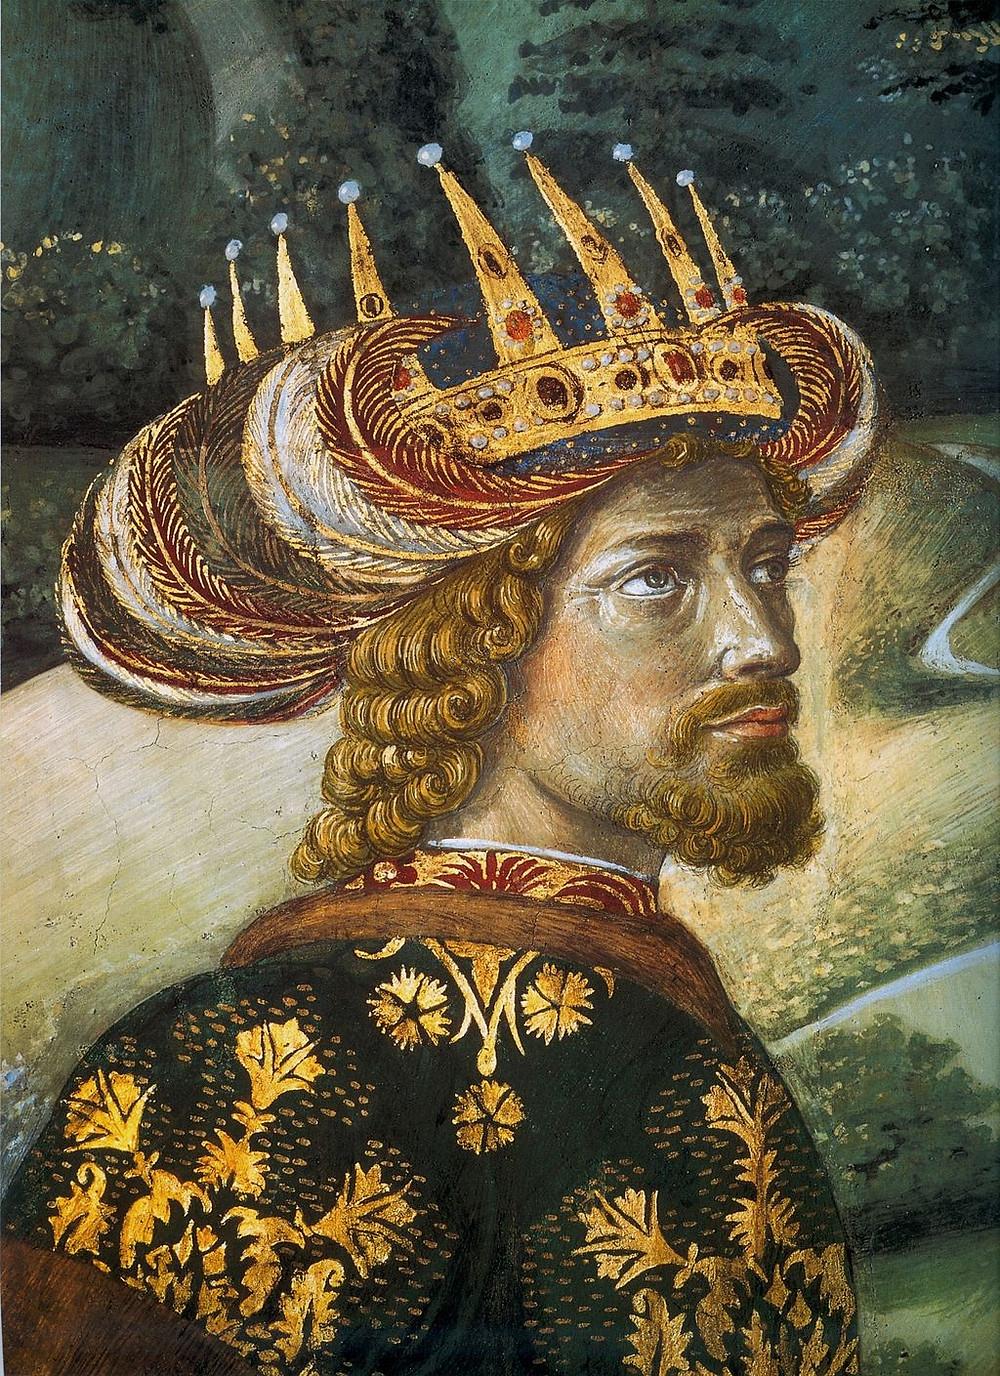 Ο προτελευταίος αυτοκράτορας και υιός του Μανουήλ Β' Παλαιολόγου